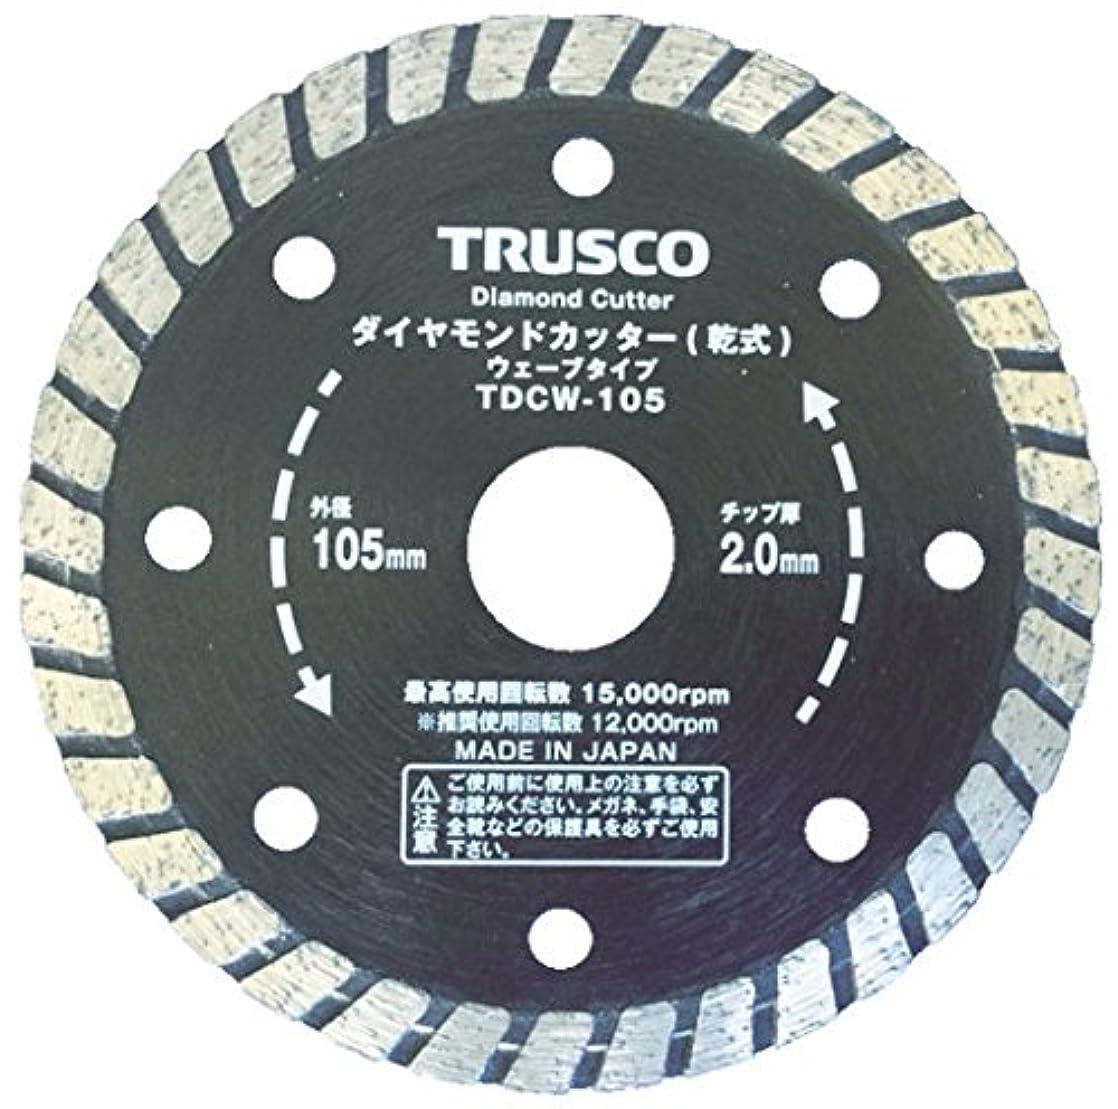 道路報酬の博物館TRUSCO(トラスコ) ダイヤモンドカッター 180X2.2TX7WX25.4H ウェーブ TDCW-180